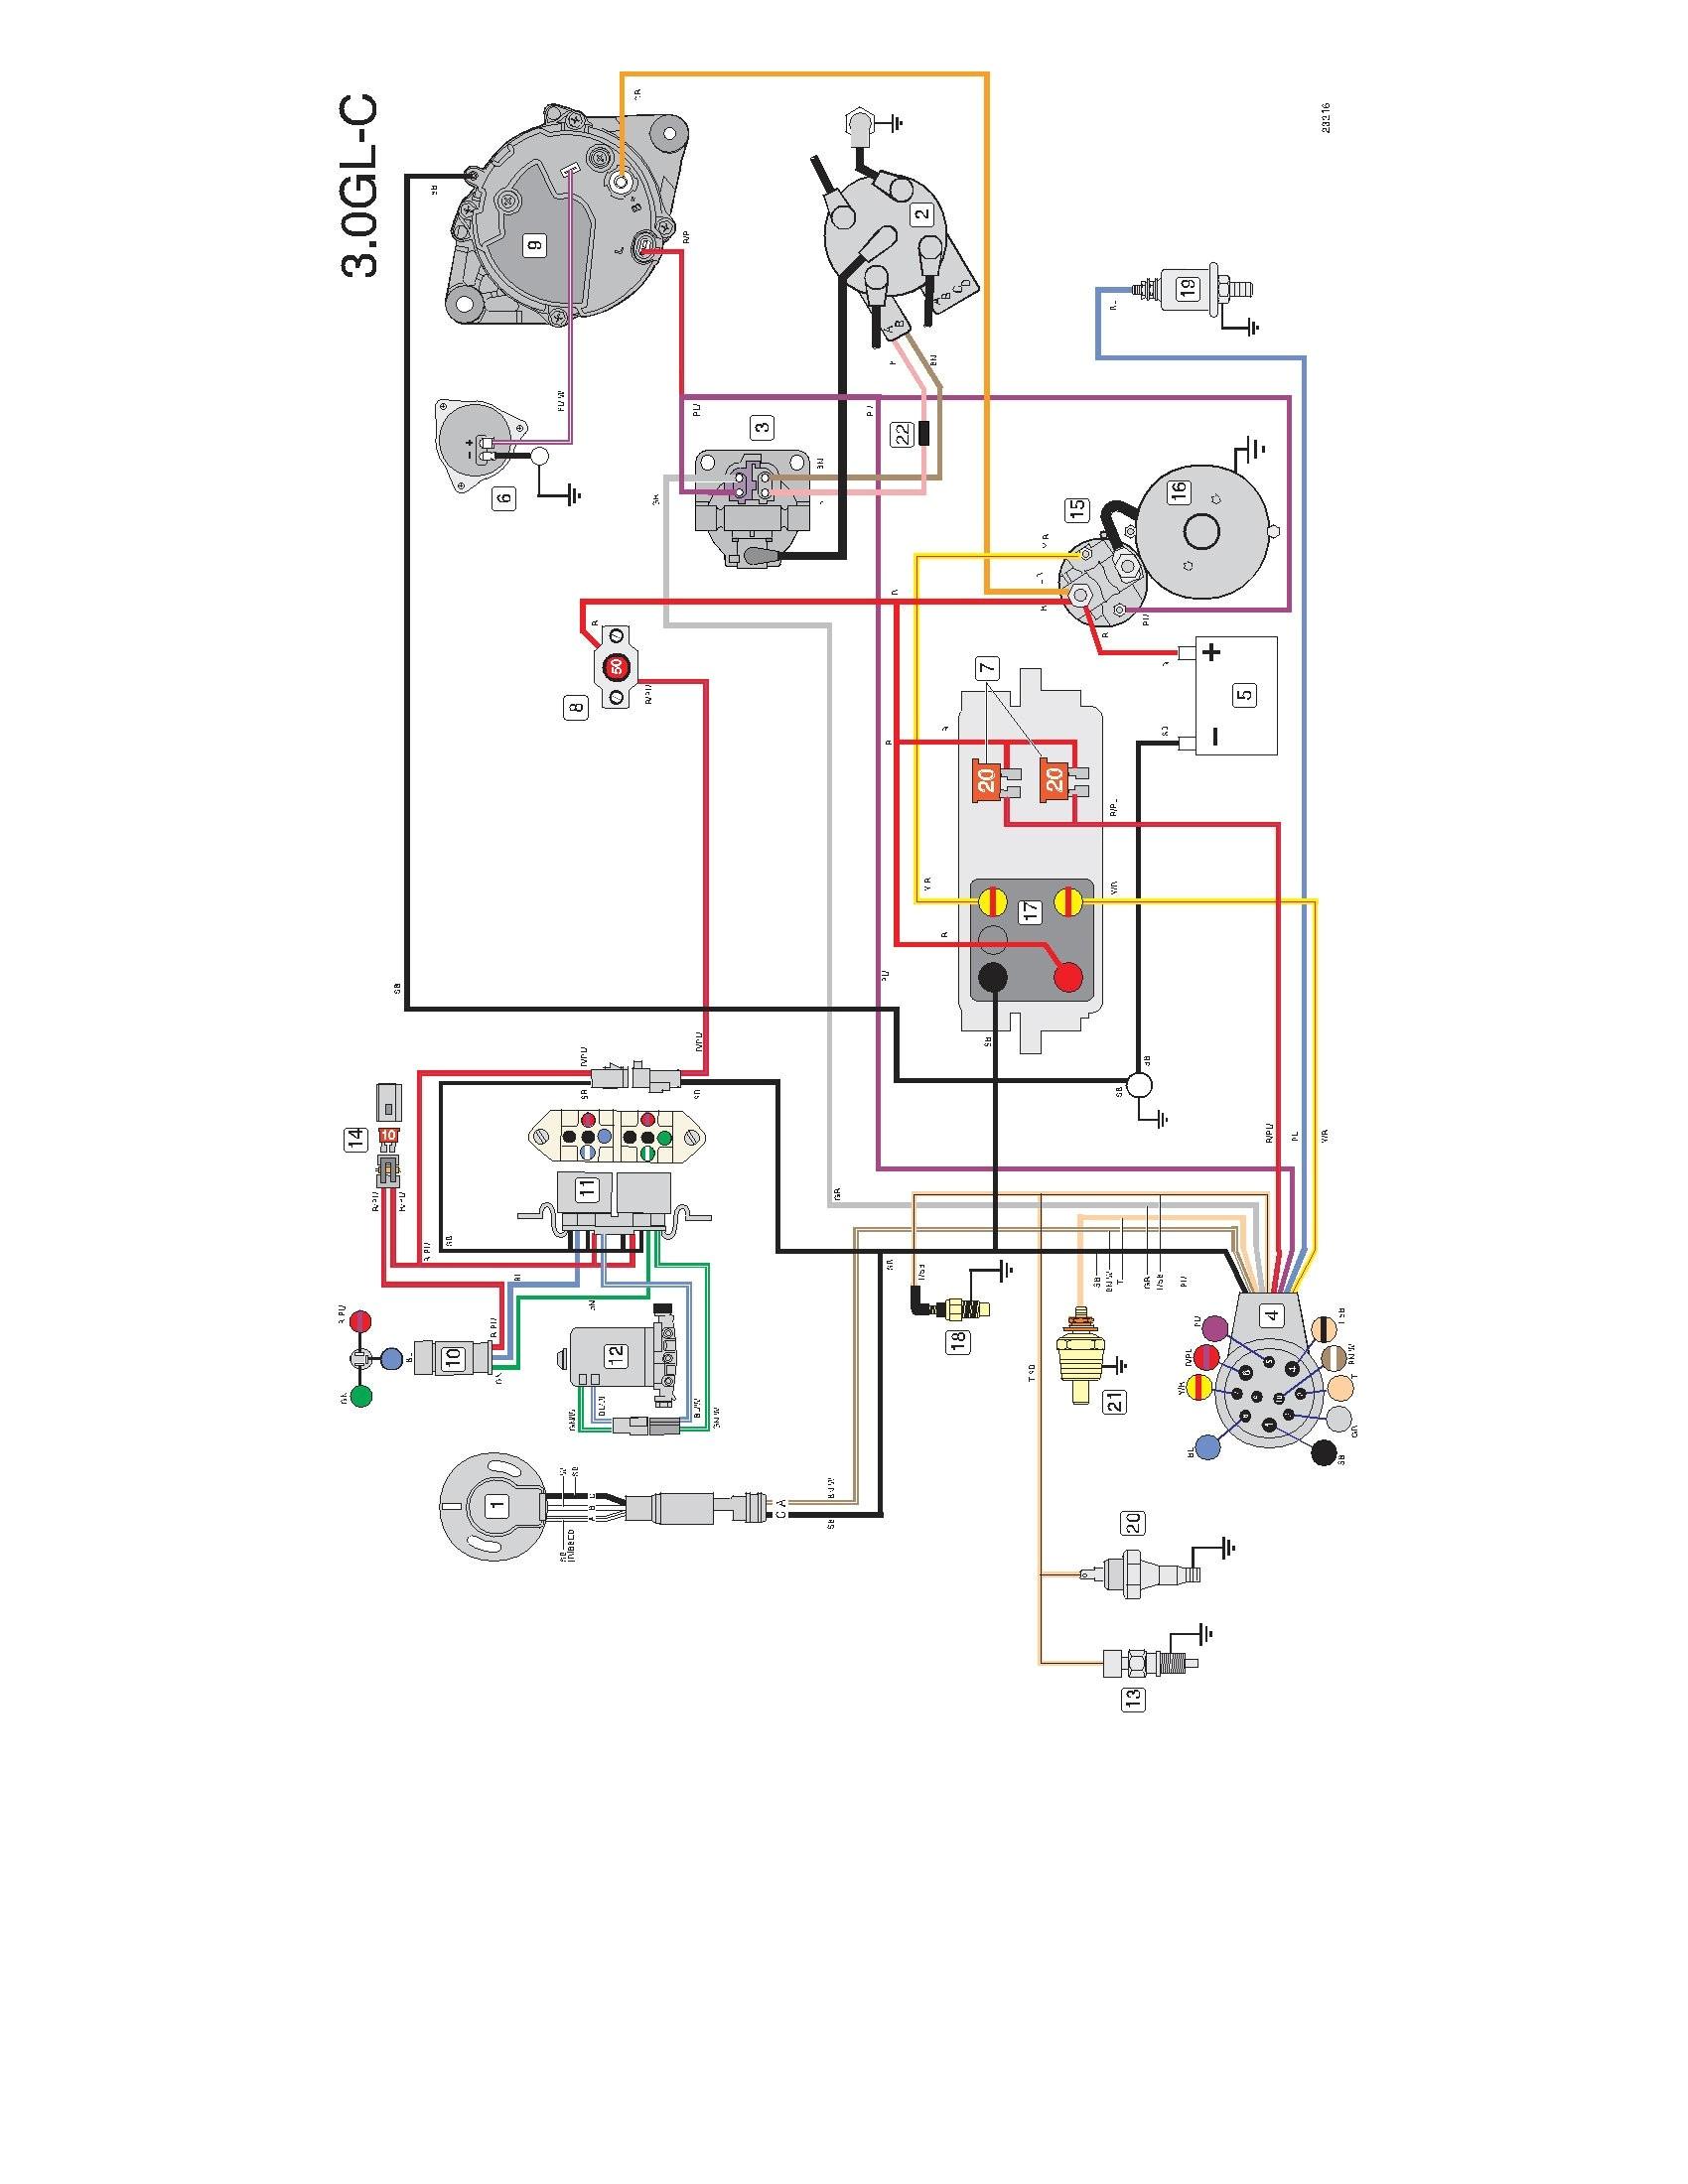 vdo diesel tachometer wiring diagram fresh 4 wire tach wiring schematics wiring diagrams e280a2 jpg